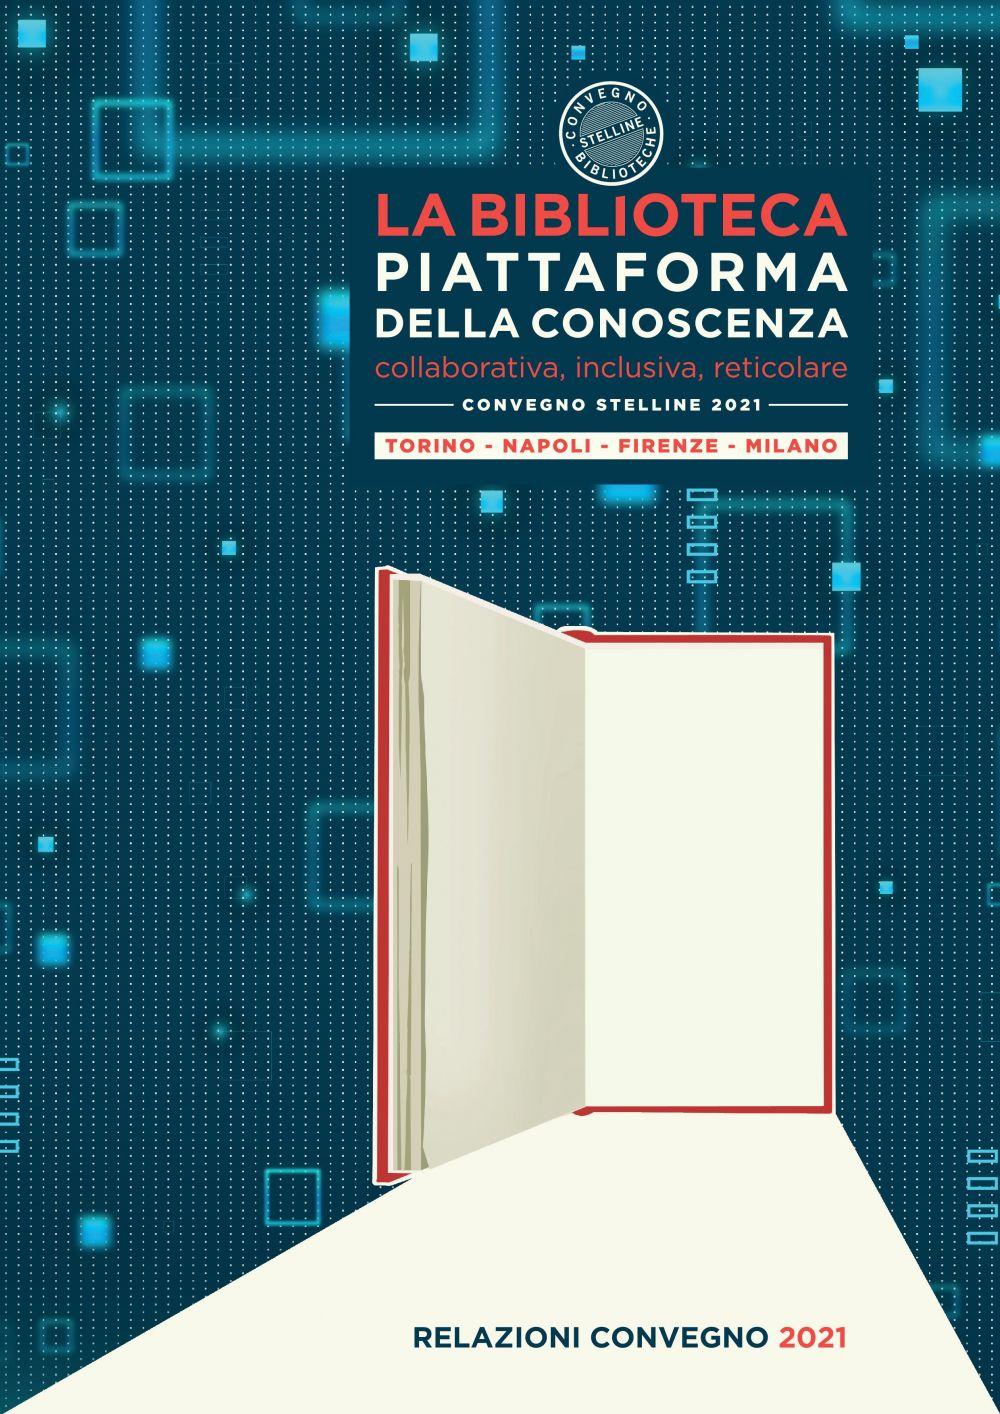 La biblioteca piattaforma della conoscenza